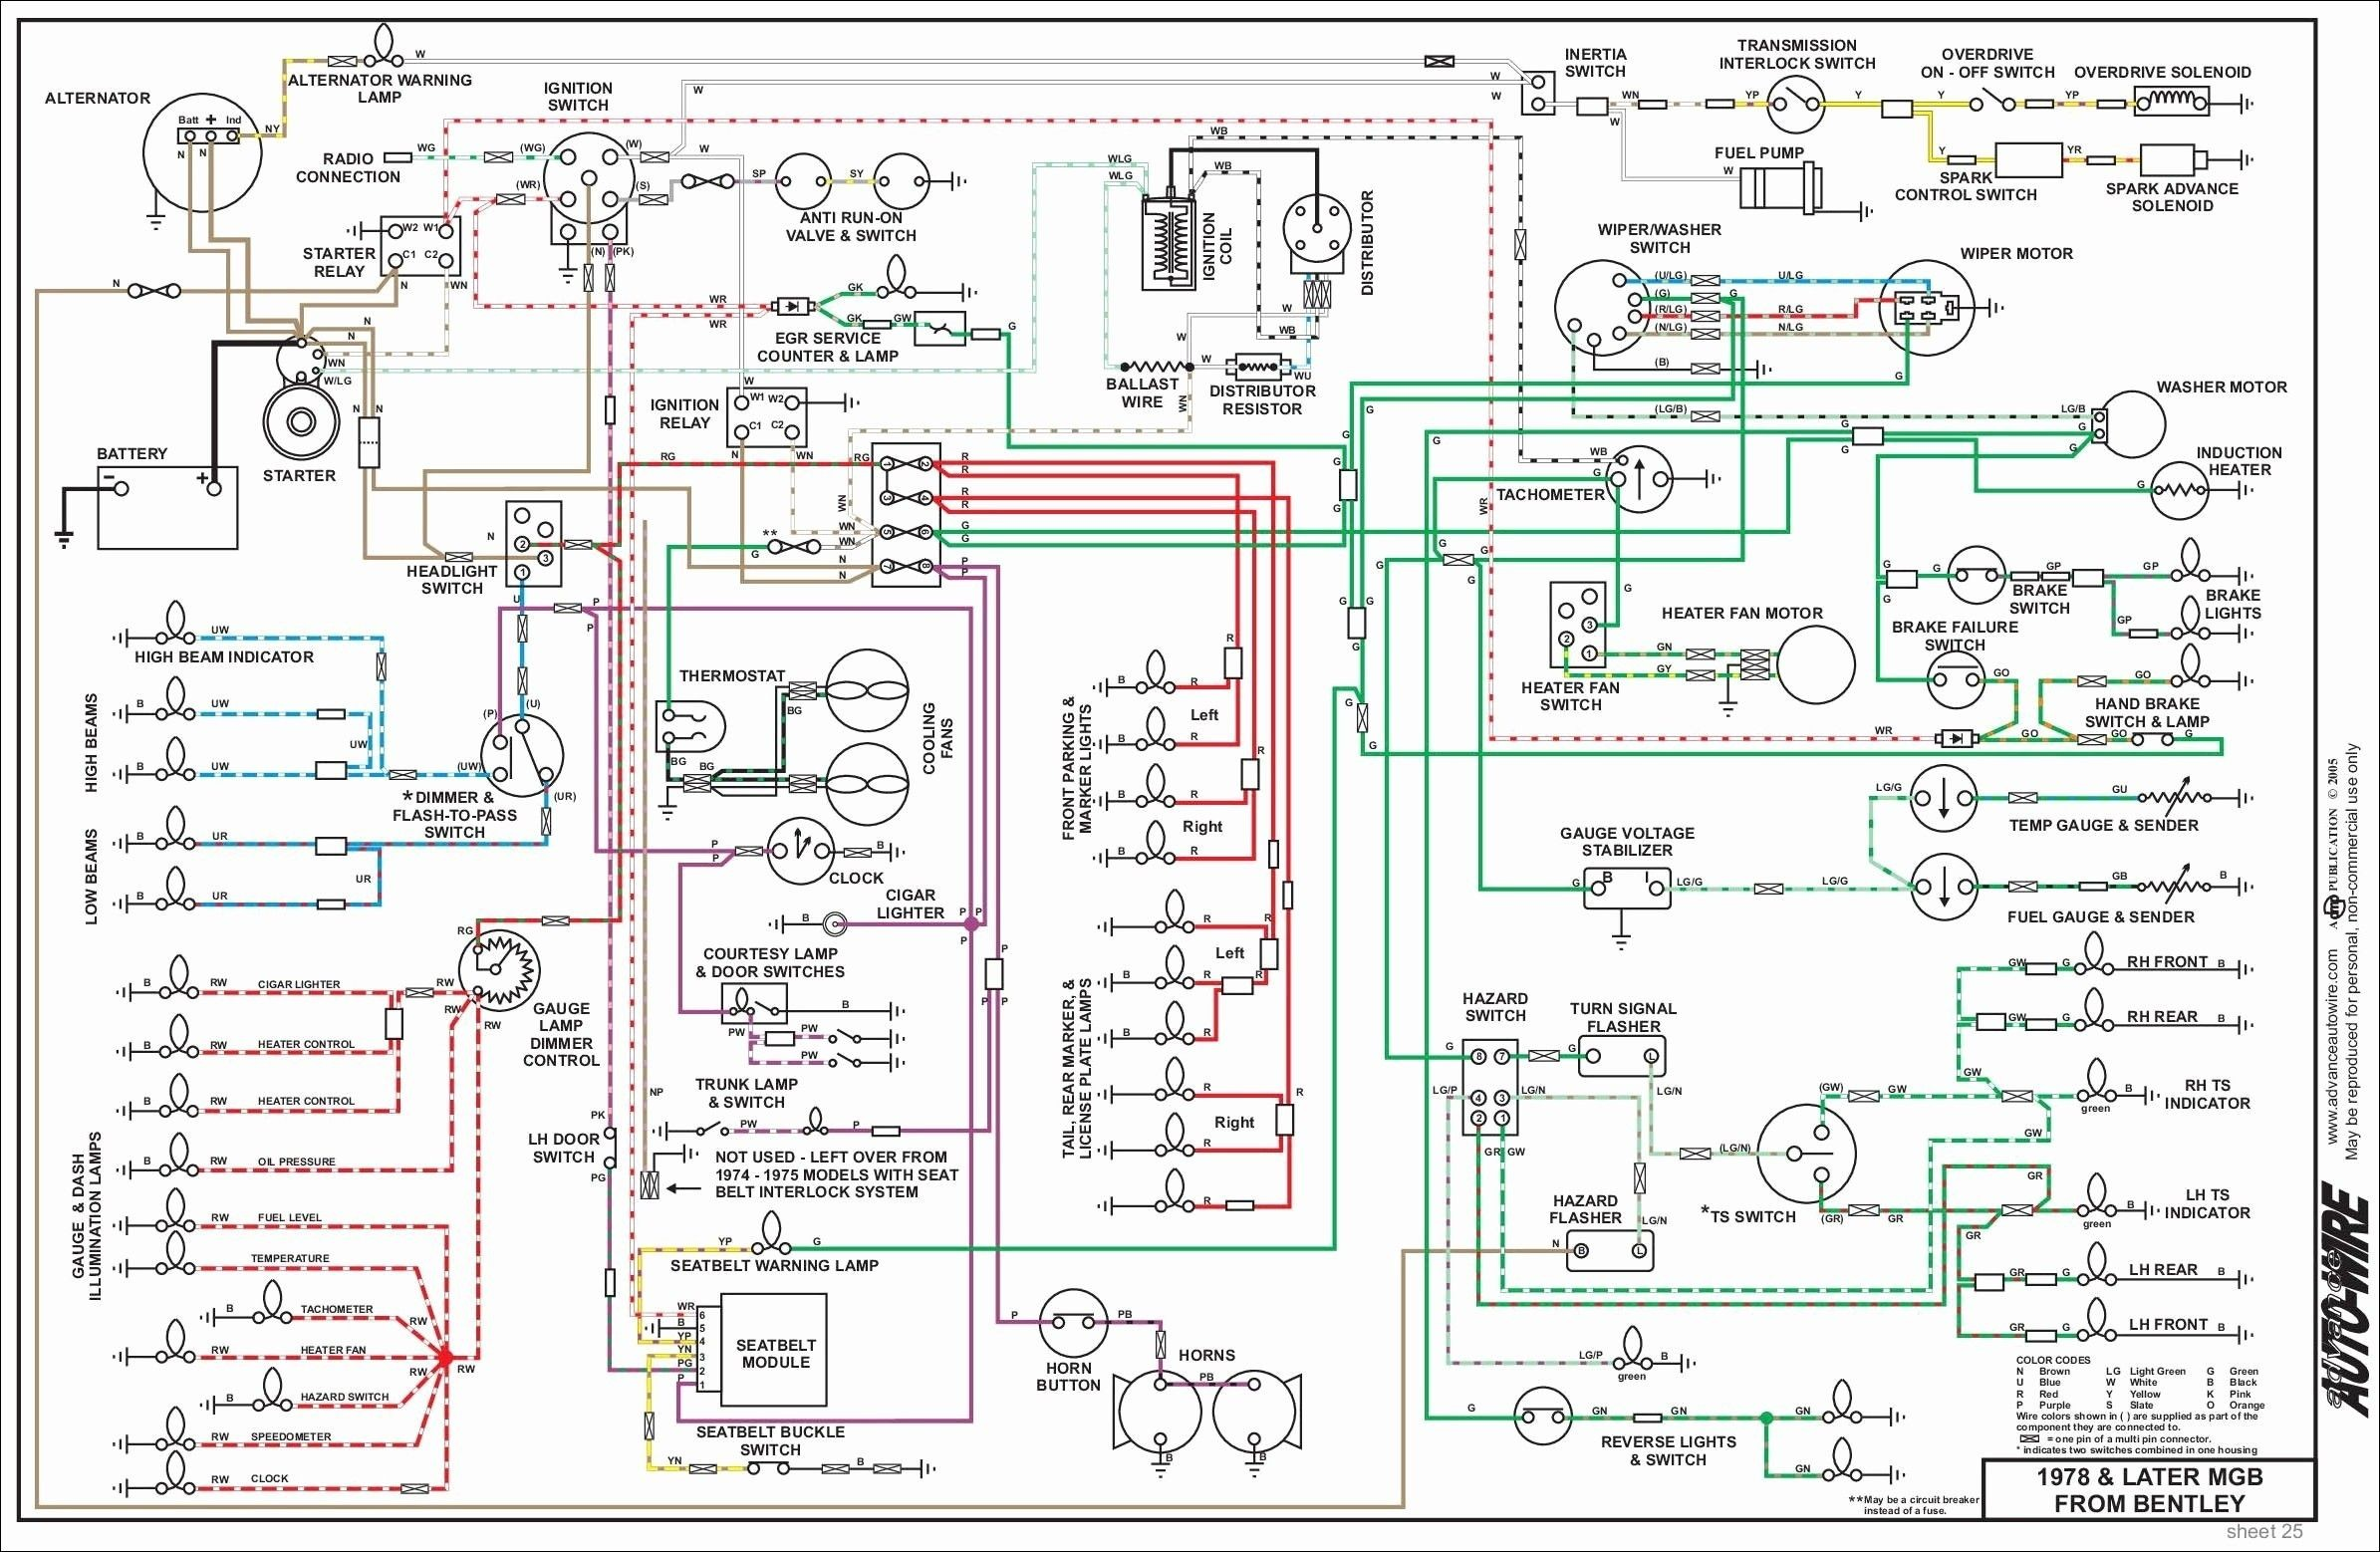 2007 Dodge Ram Wiring Schematic New Vans Aircraft Wiring Diagram Diagramsample Of 2007 Dodge Ram Wiring Schematic